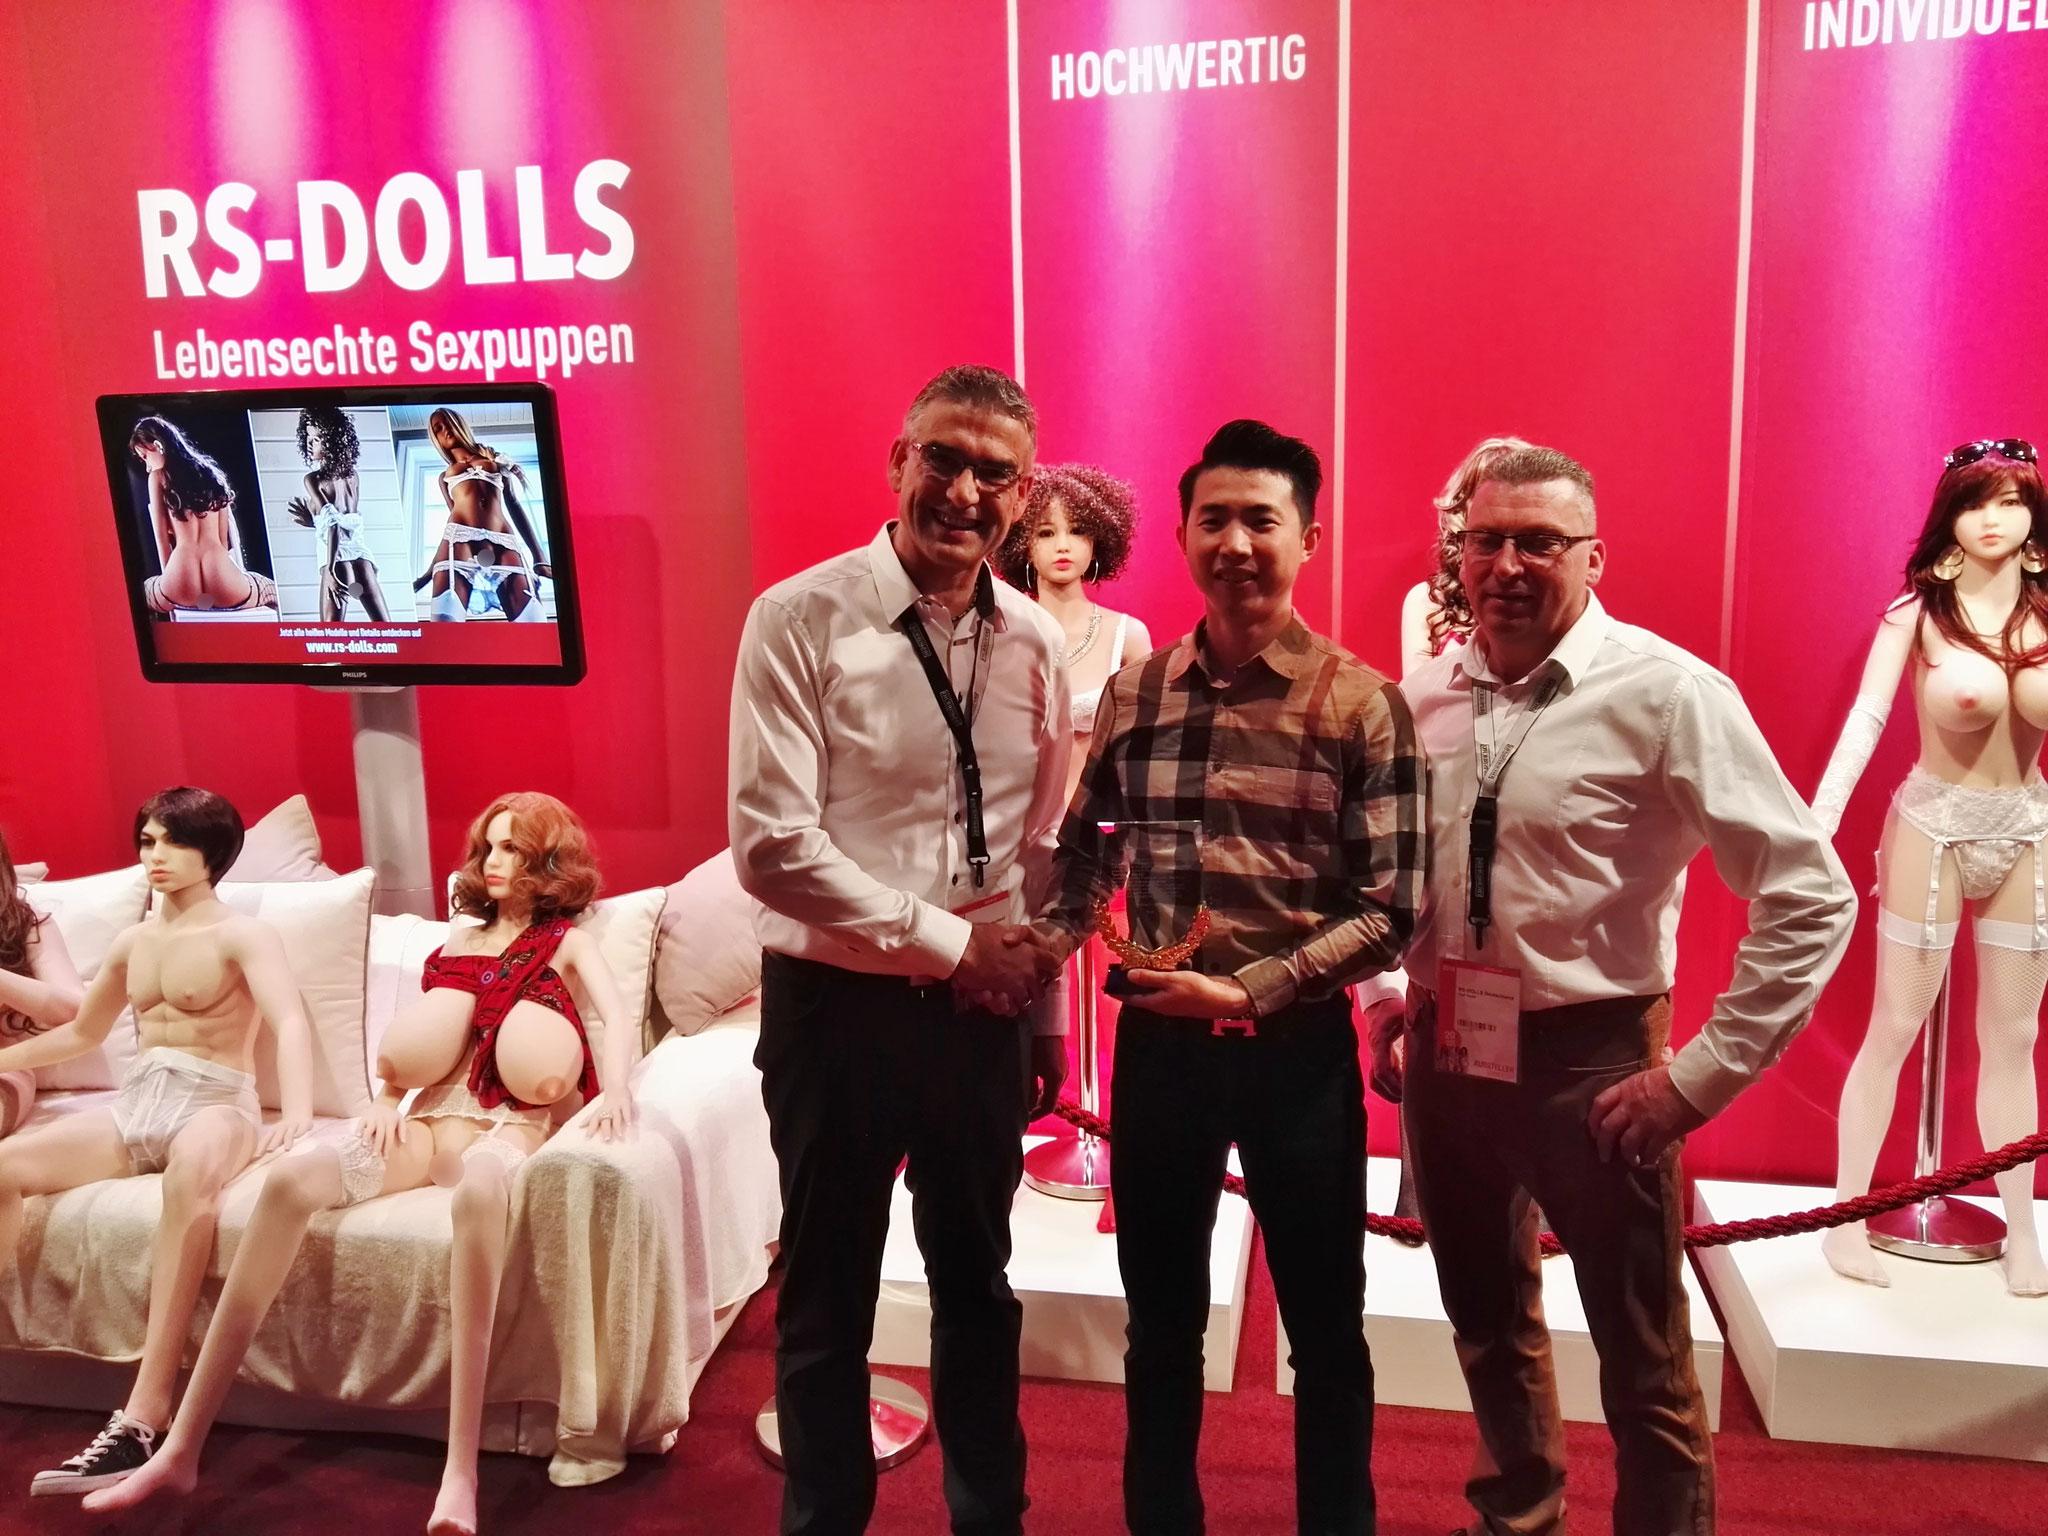 """Hohe Auszeichnung für die beiden RS-Dolls-Gründer vom wohl größten Hersteller der Welt """"WMDOLL"""""""